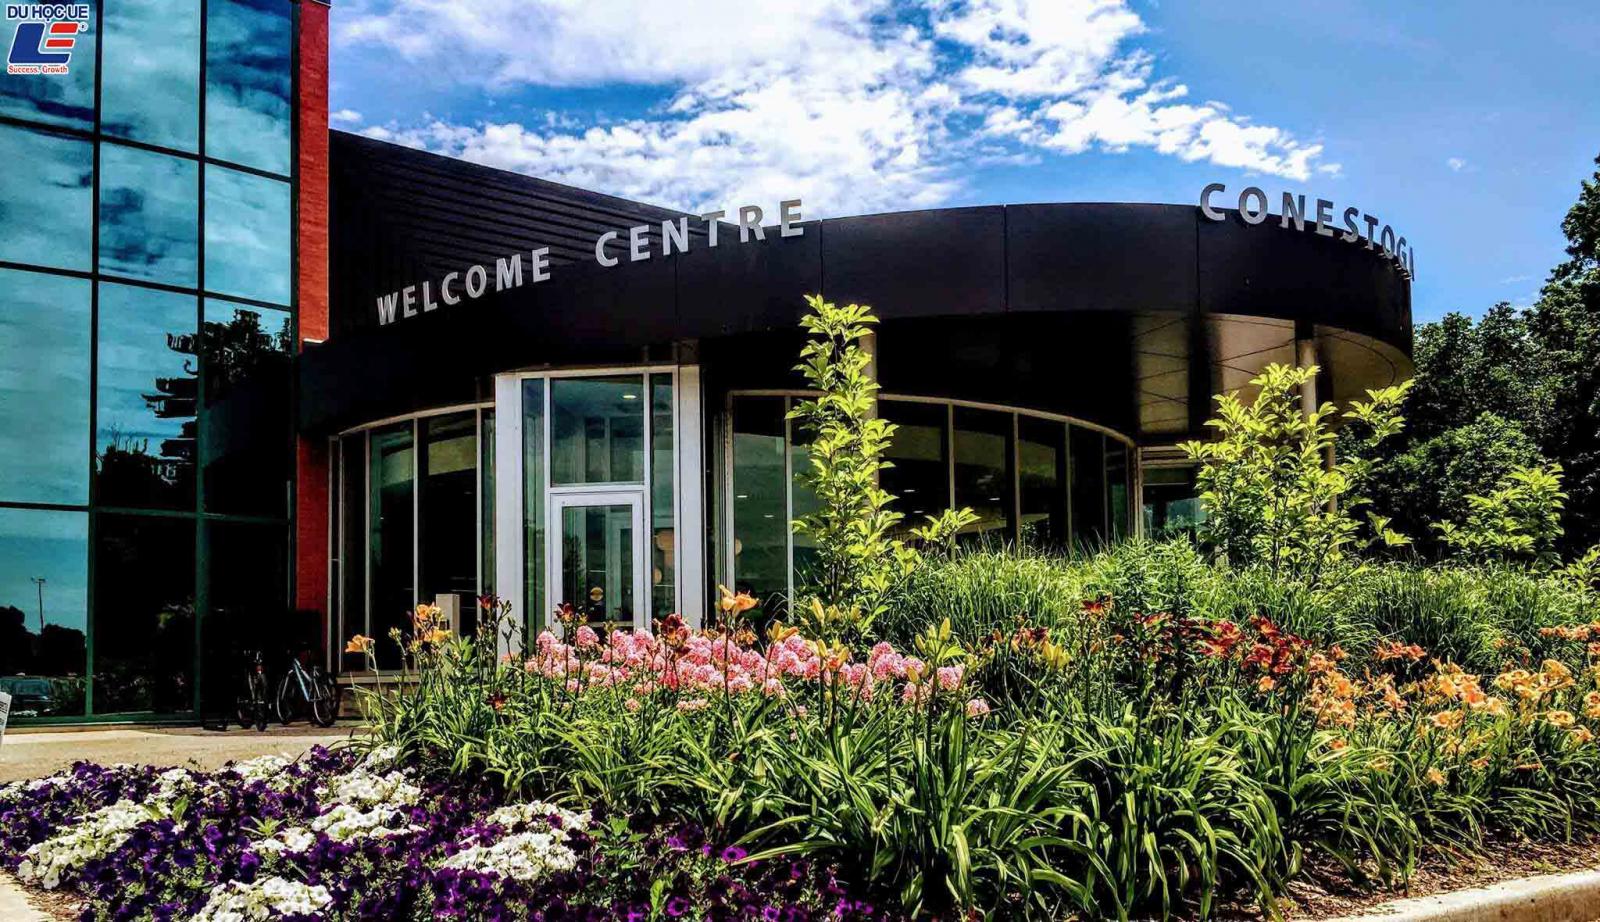 Cơ hội du học Canada cùng Conestoga College - Trường cao đẳng uy tín và hiện đại bậc nhất xứ sở lá phong 2